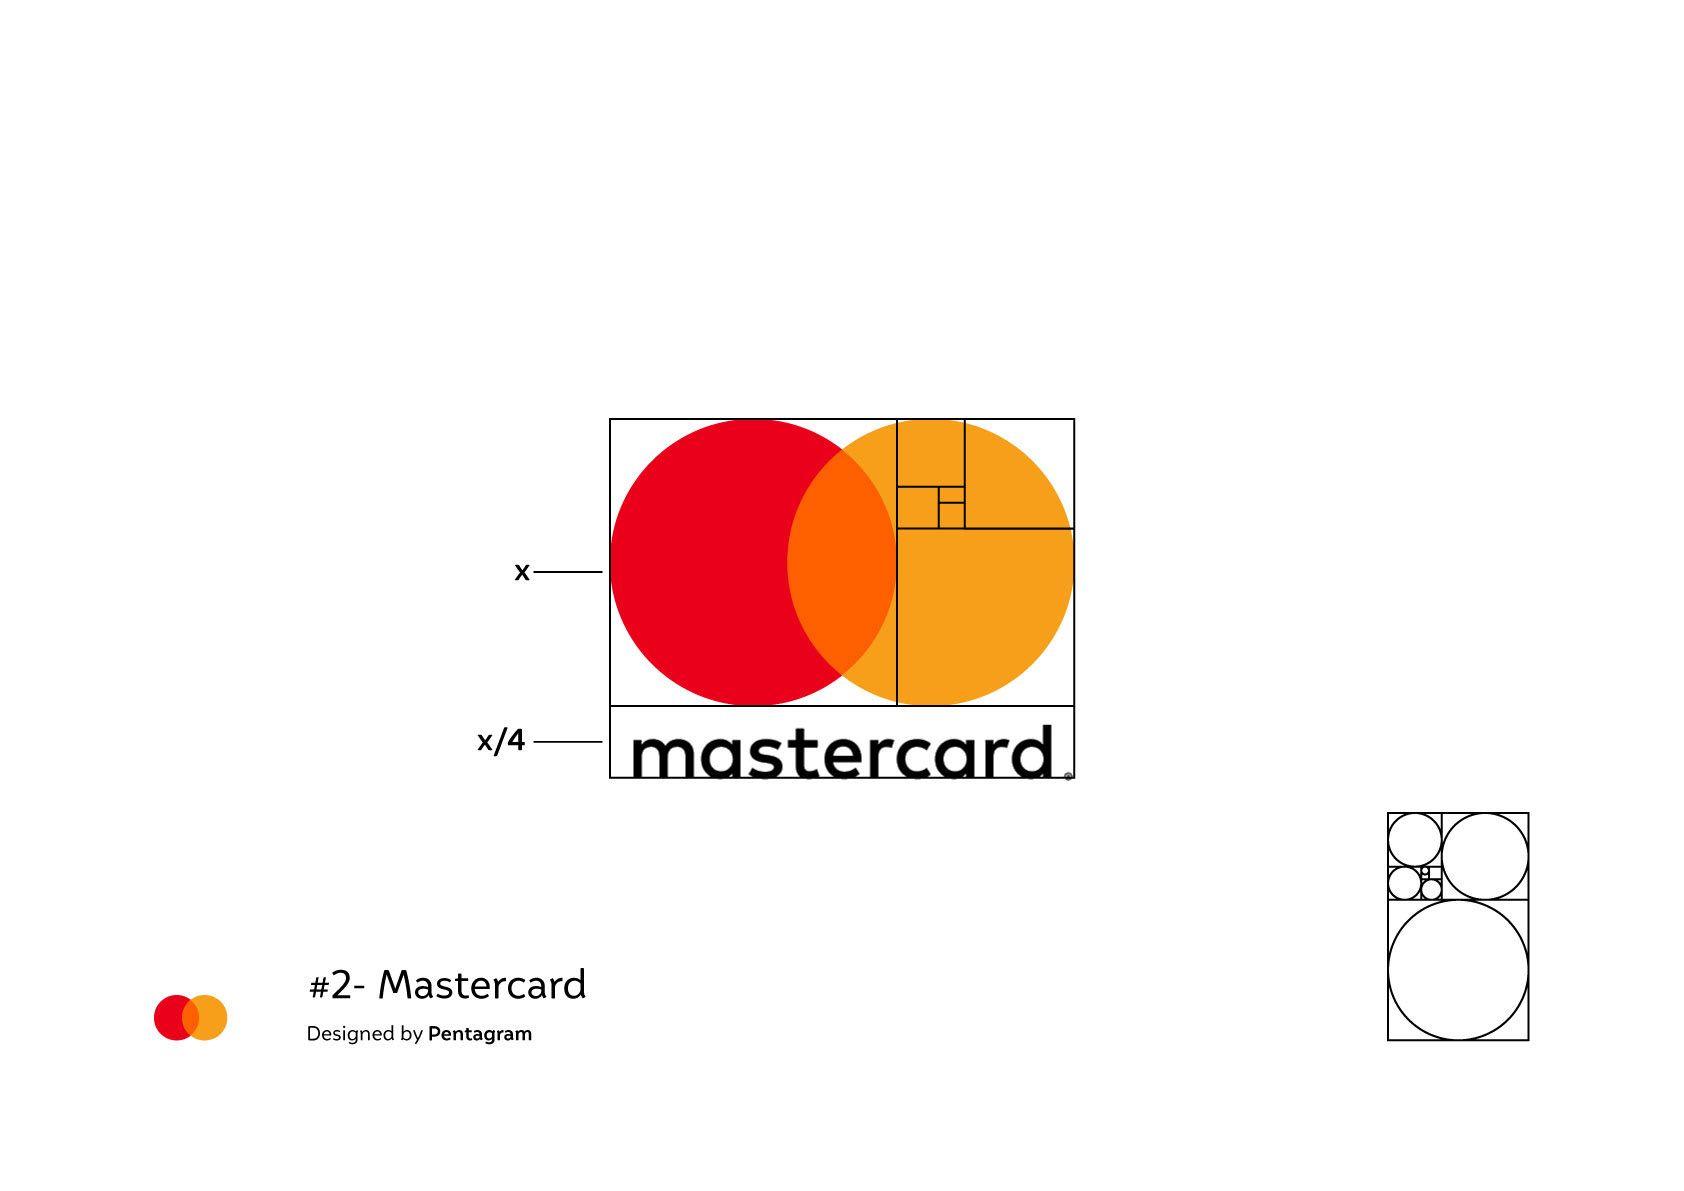 La Matematica Y Geometria De Estos Logos Famosos Logotipos